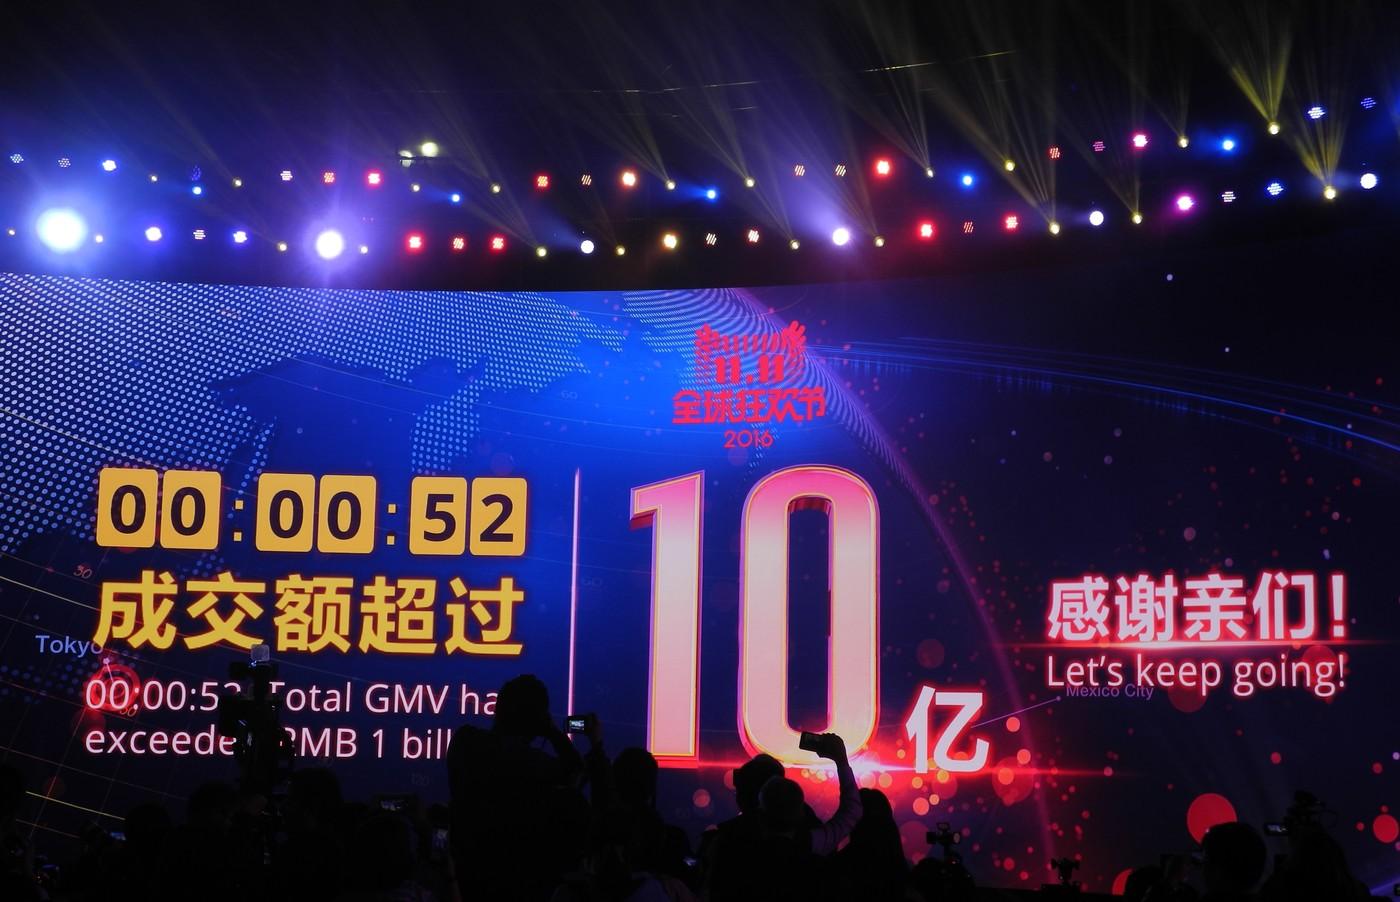 [深圳現場] 52秒、353億、90%,雙11開跑一小時三大數字